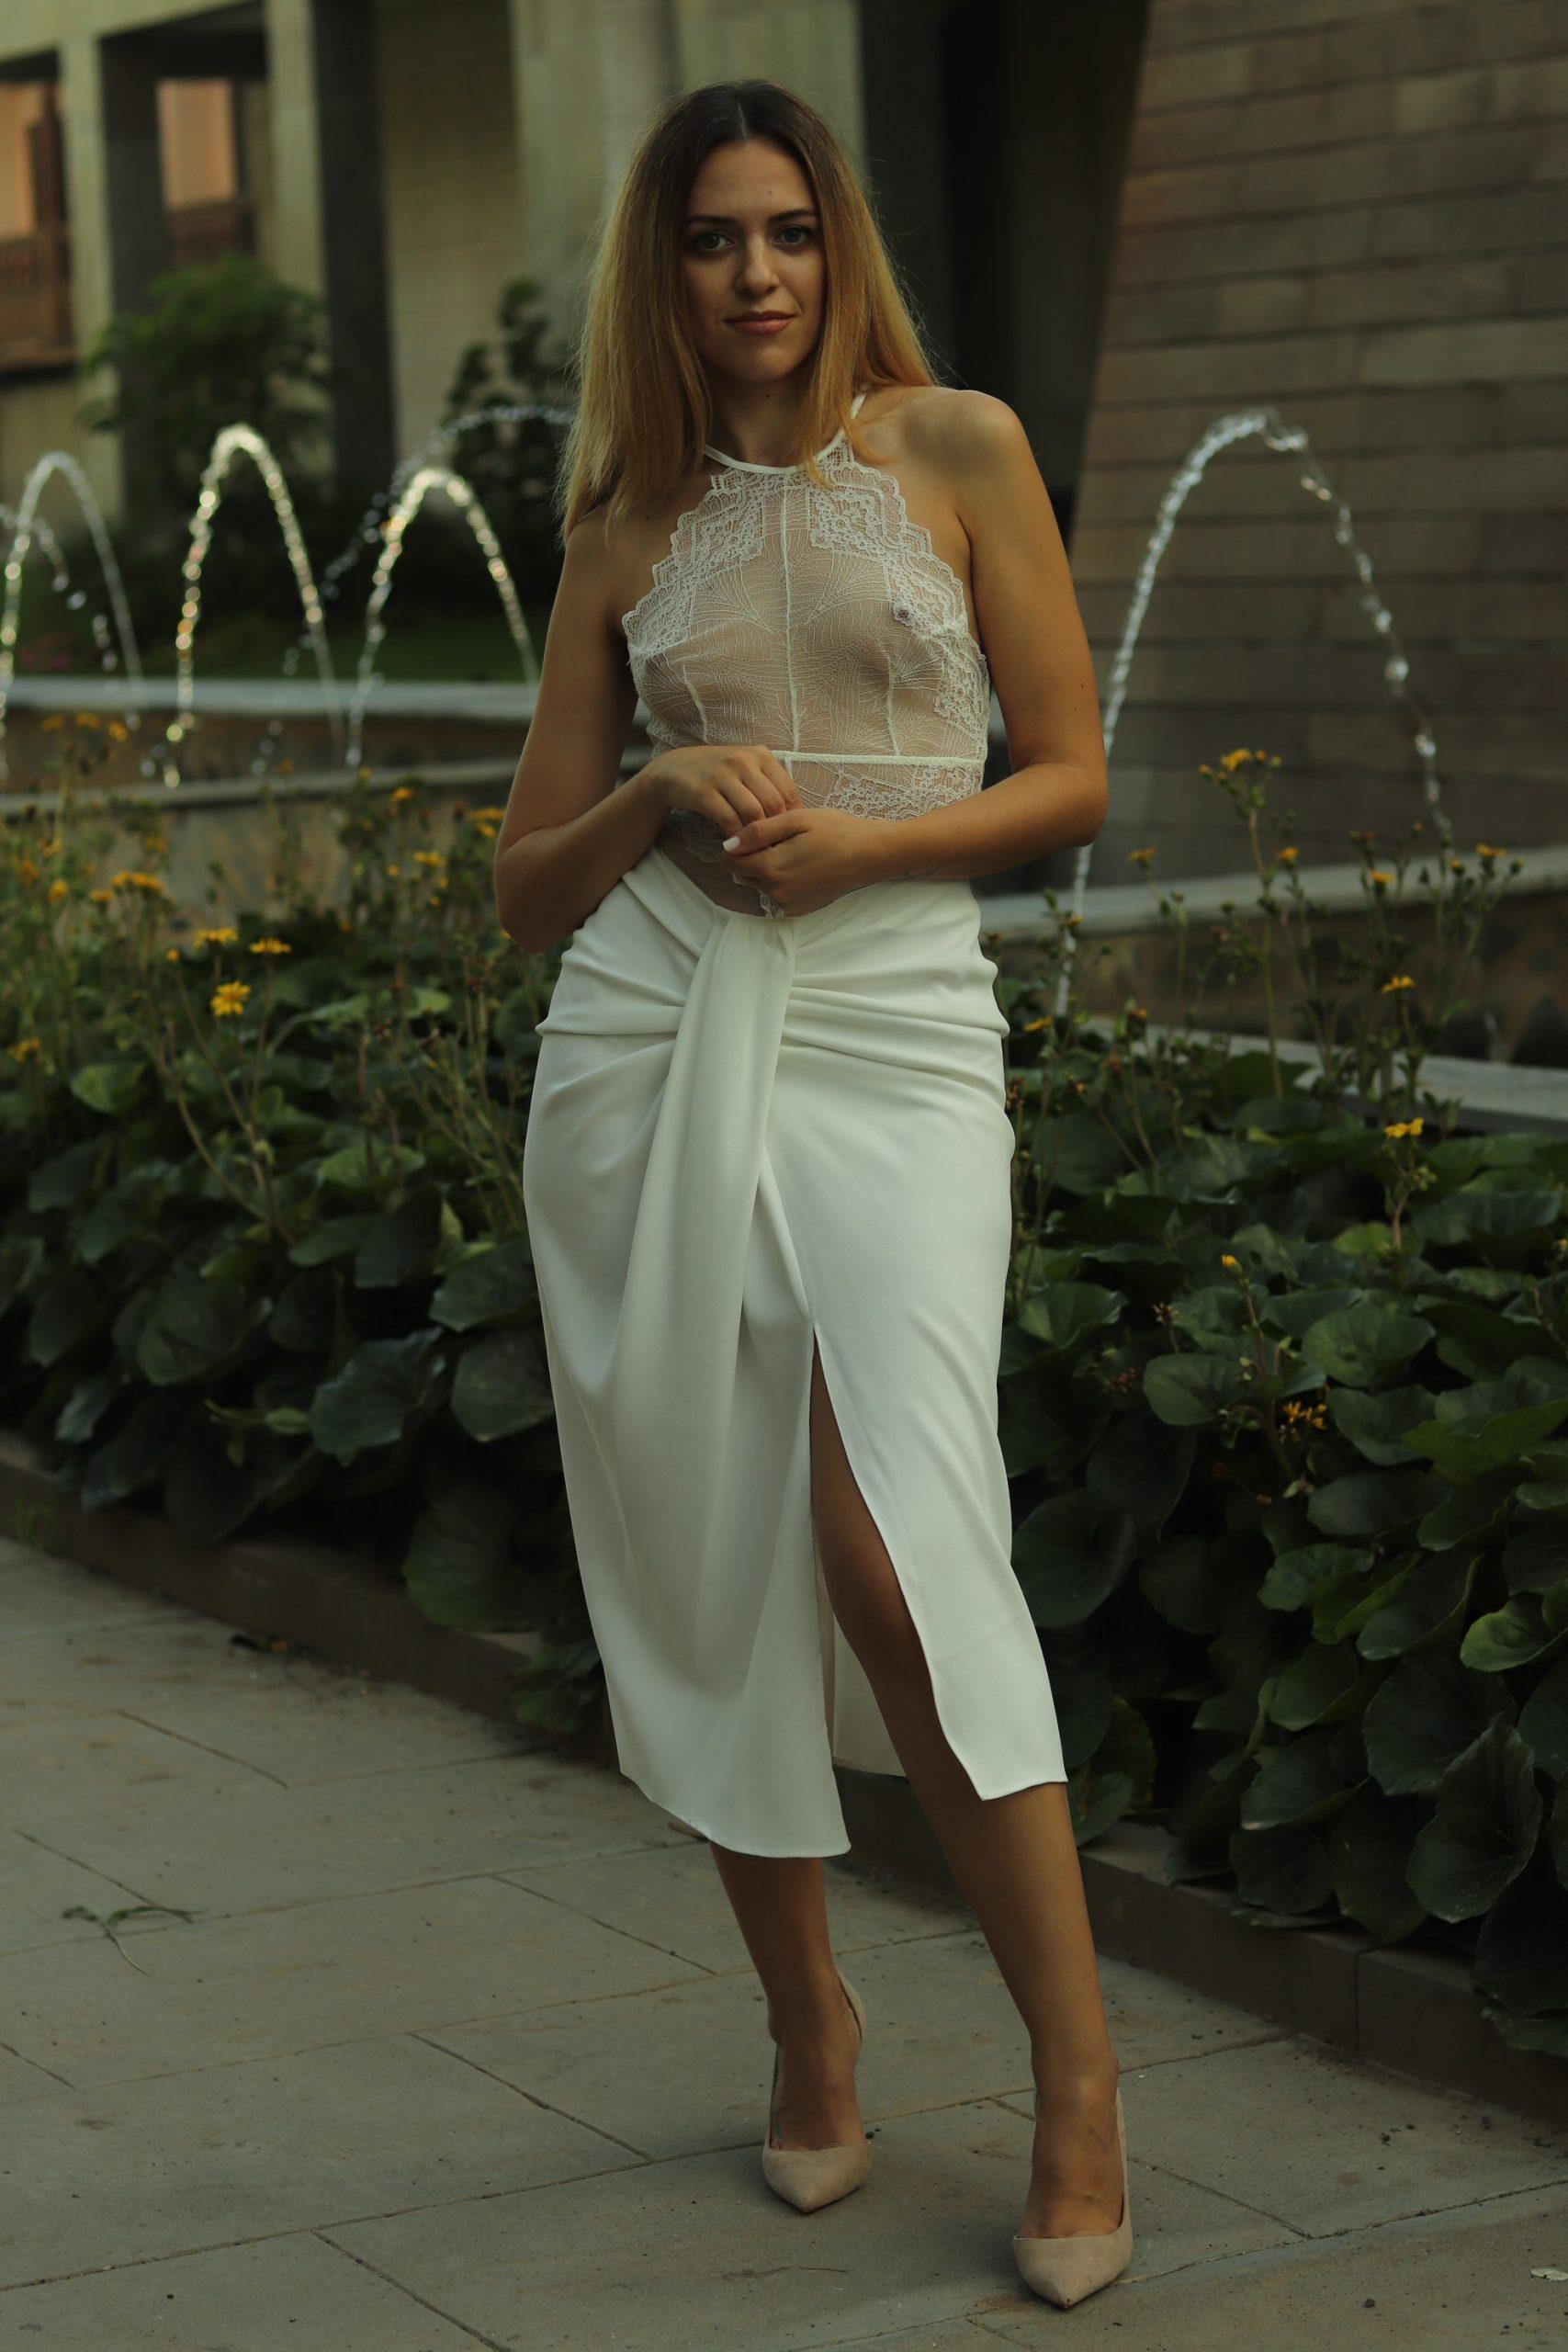 Cómo combinar un body blanco: look con falda